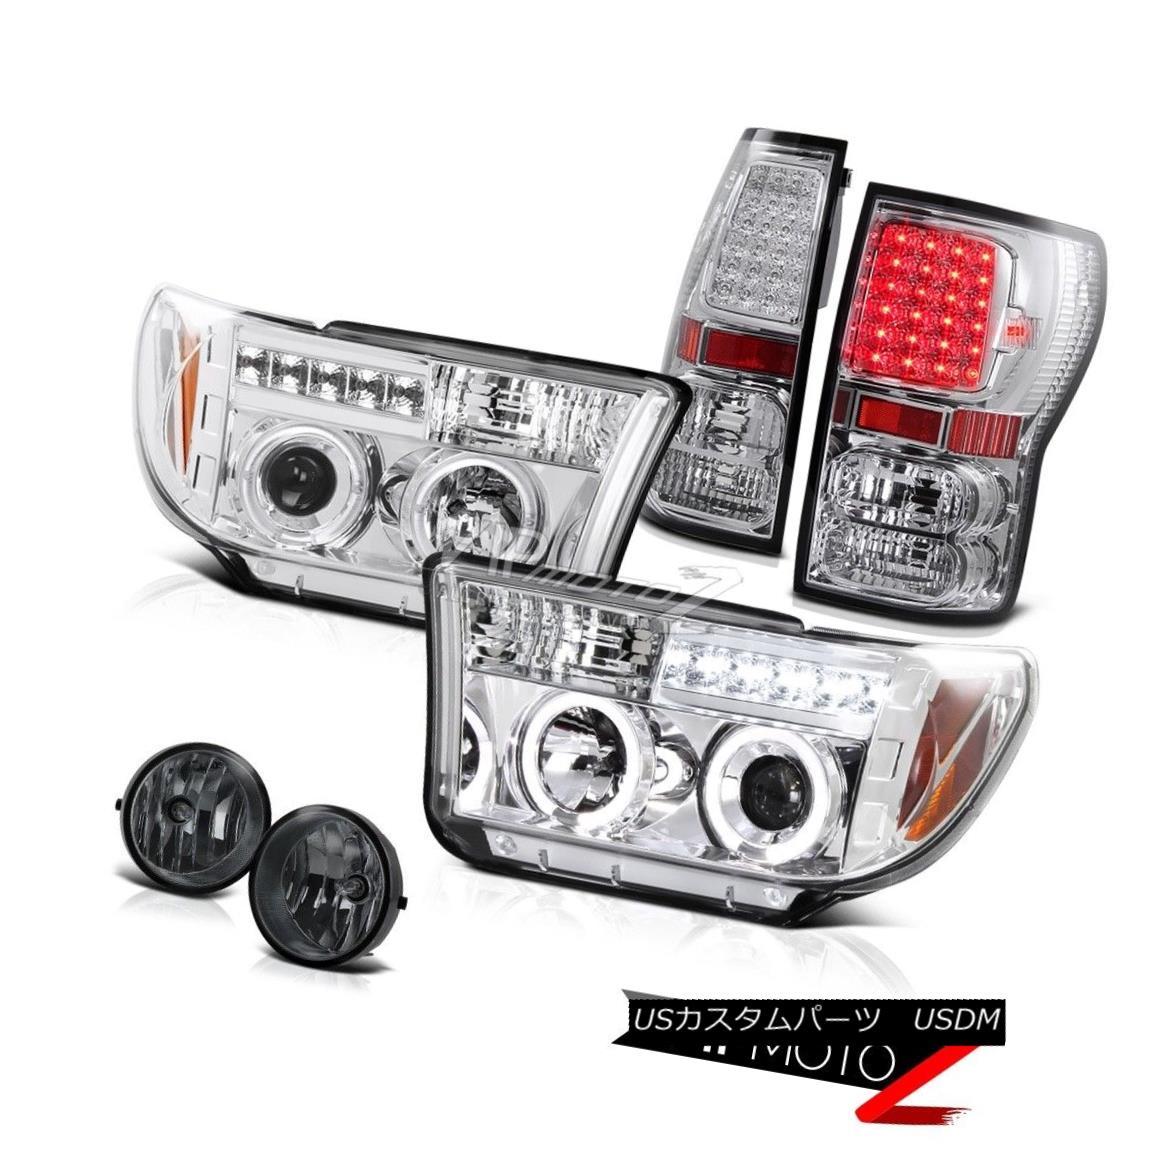 テールライト 07-2013 Toyota Tundra Chrome Projector Halo Headlamp+Led Tail Light+Fog Lamp 07-2013 Toyota Tundra ChromeプロジェクターHaloヘッドランプ+ Ledテールライト+ Fogランプ